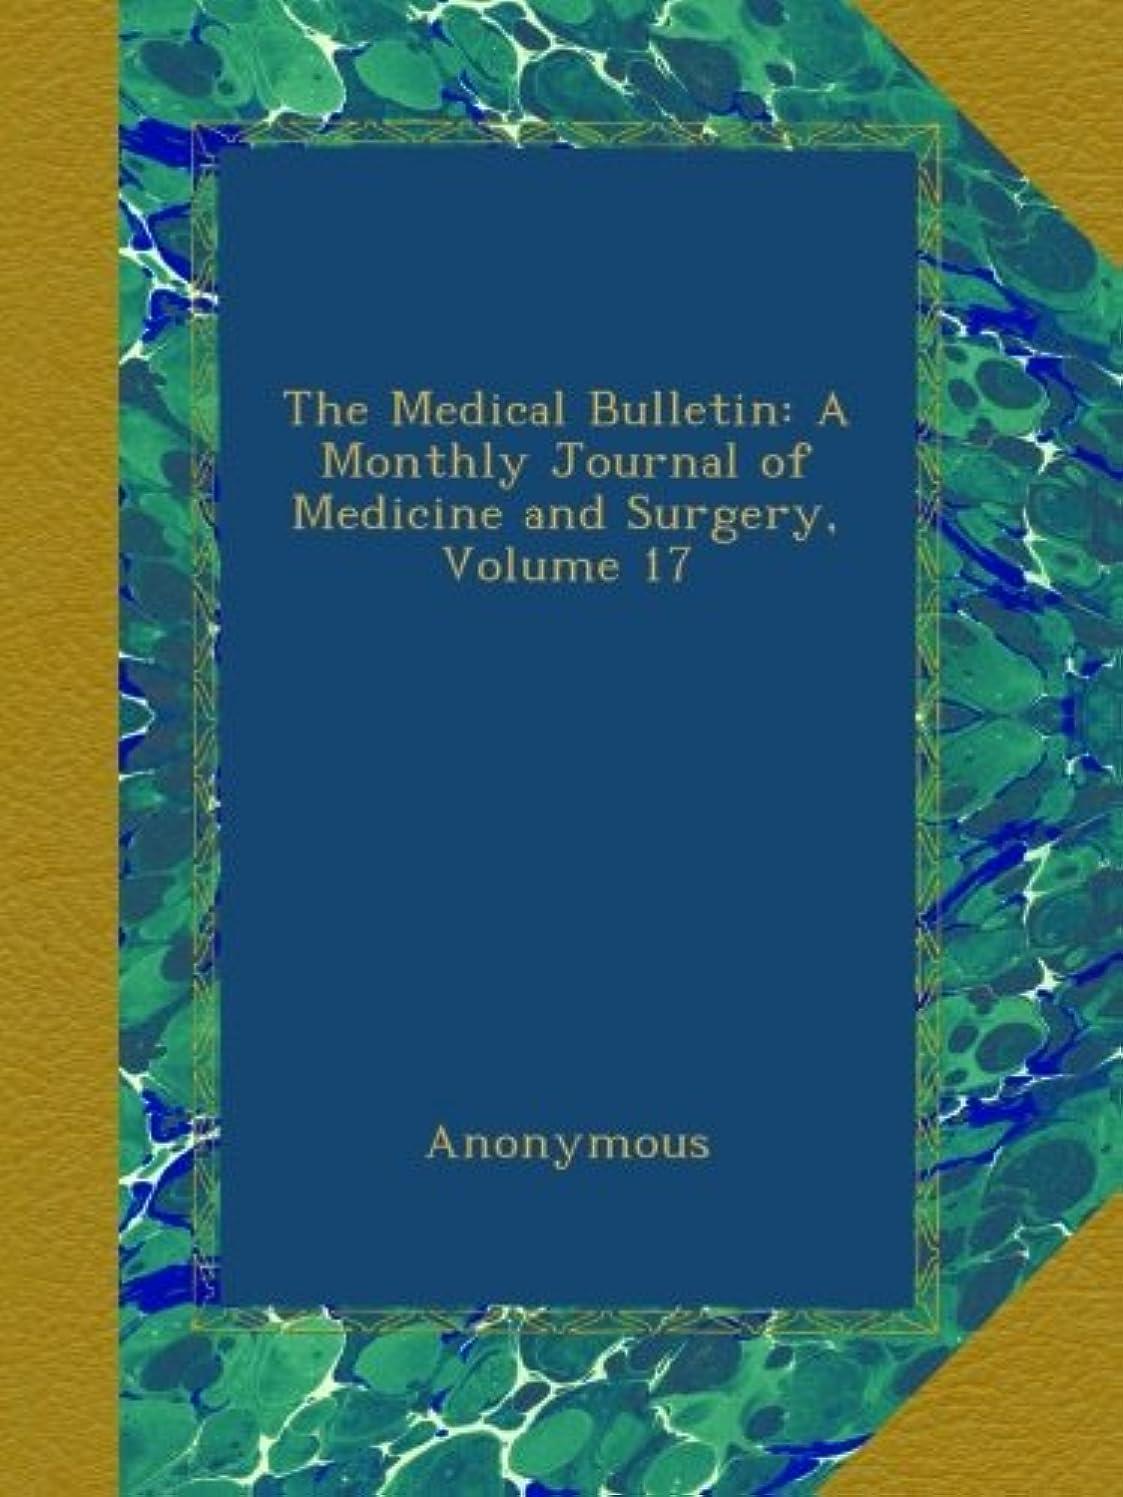 安全なシンジケート春The Medical Bulletin: A Monthly Journal of Medicine and Surgery, Volume 17